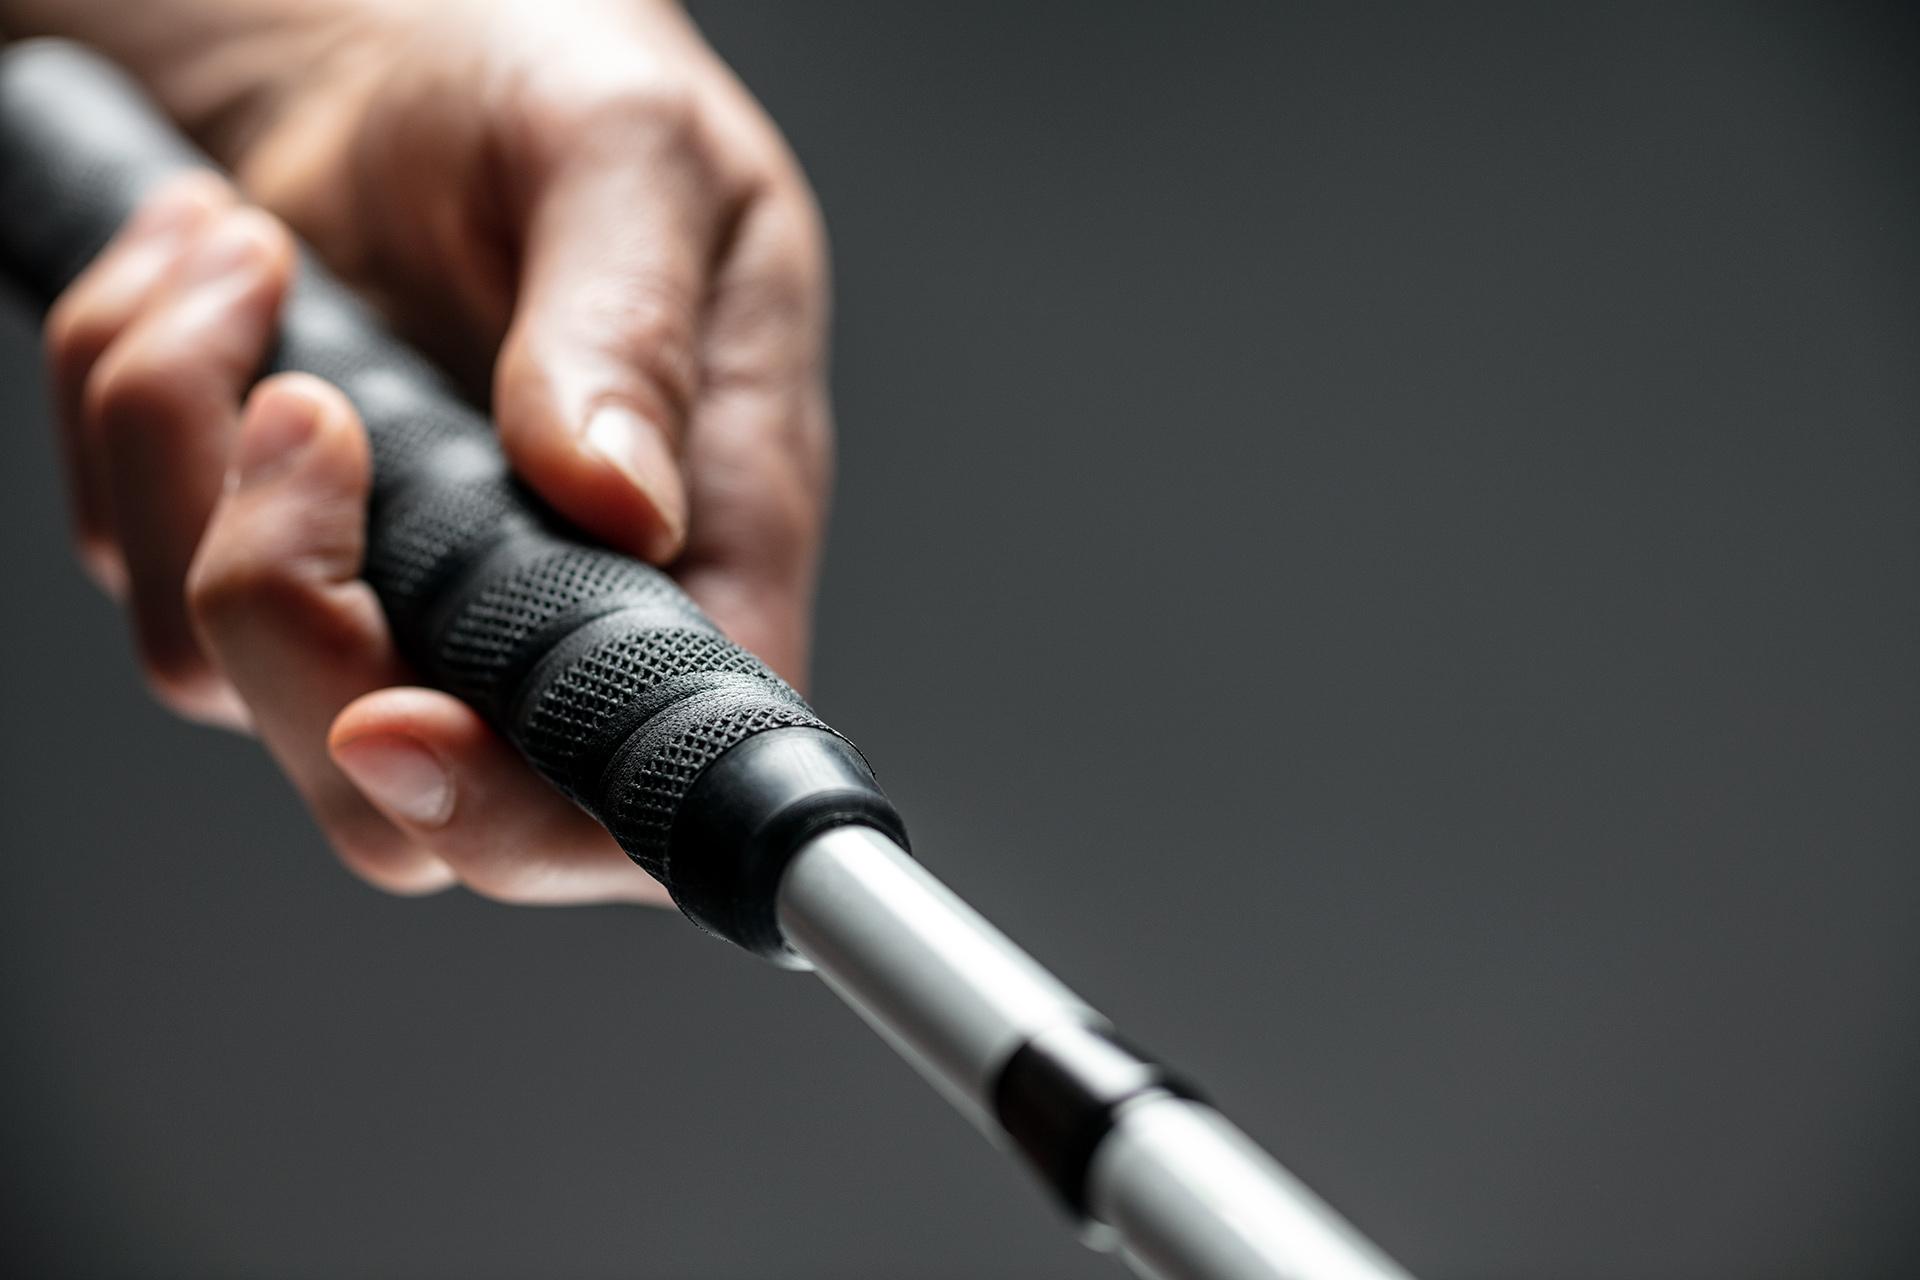 Mano de una persona ciega agarrando su bastón